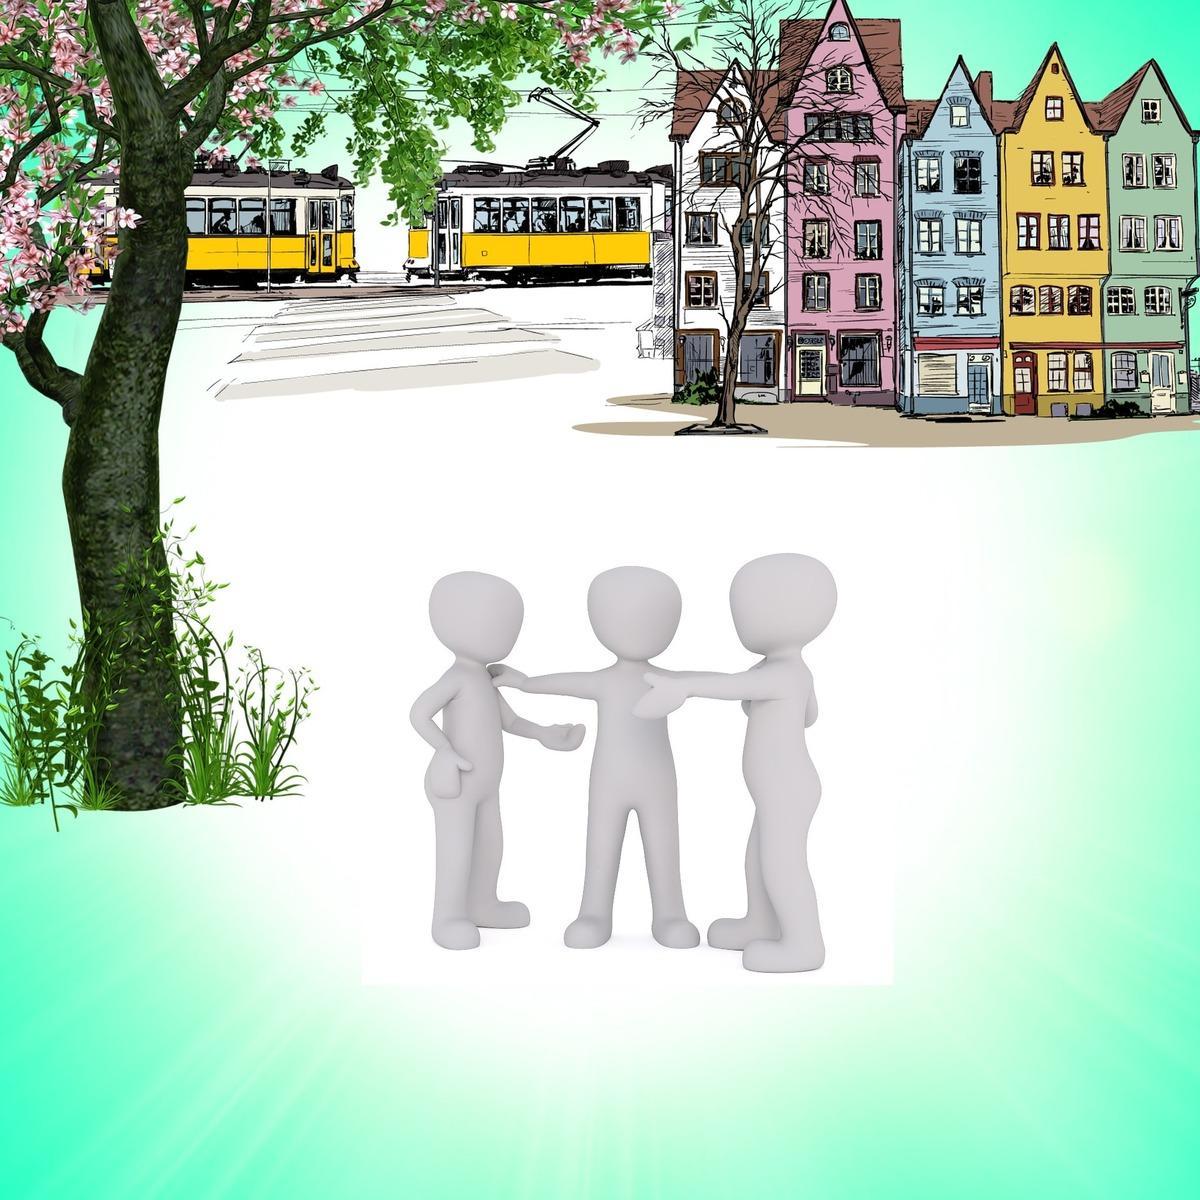 L'Assistance à Maîtrise d'Usage, un rôle du sociologue « observ'acteur(trice) » dans l'accompagnement des projets urbains et de transitions